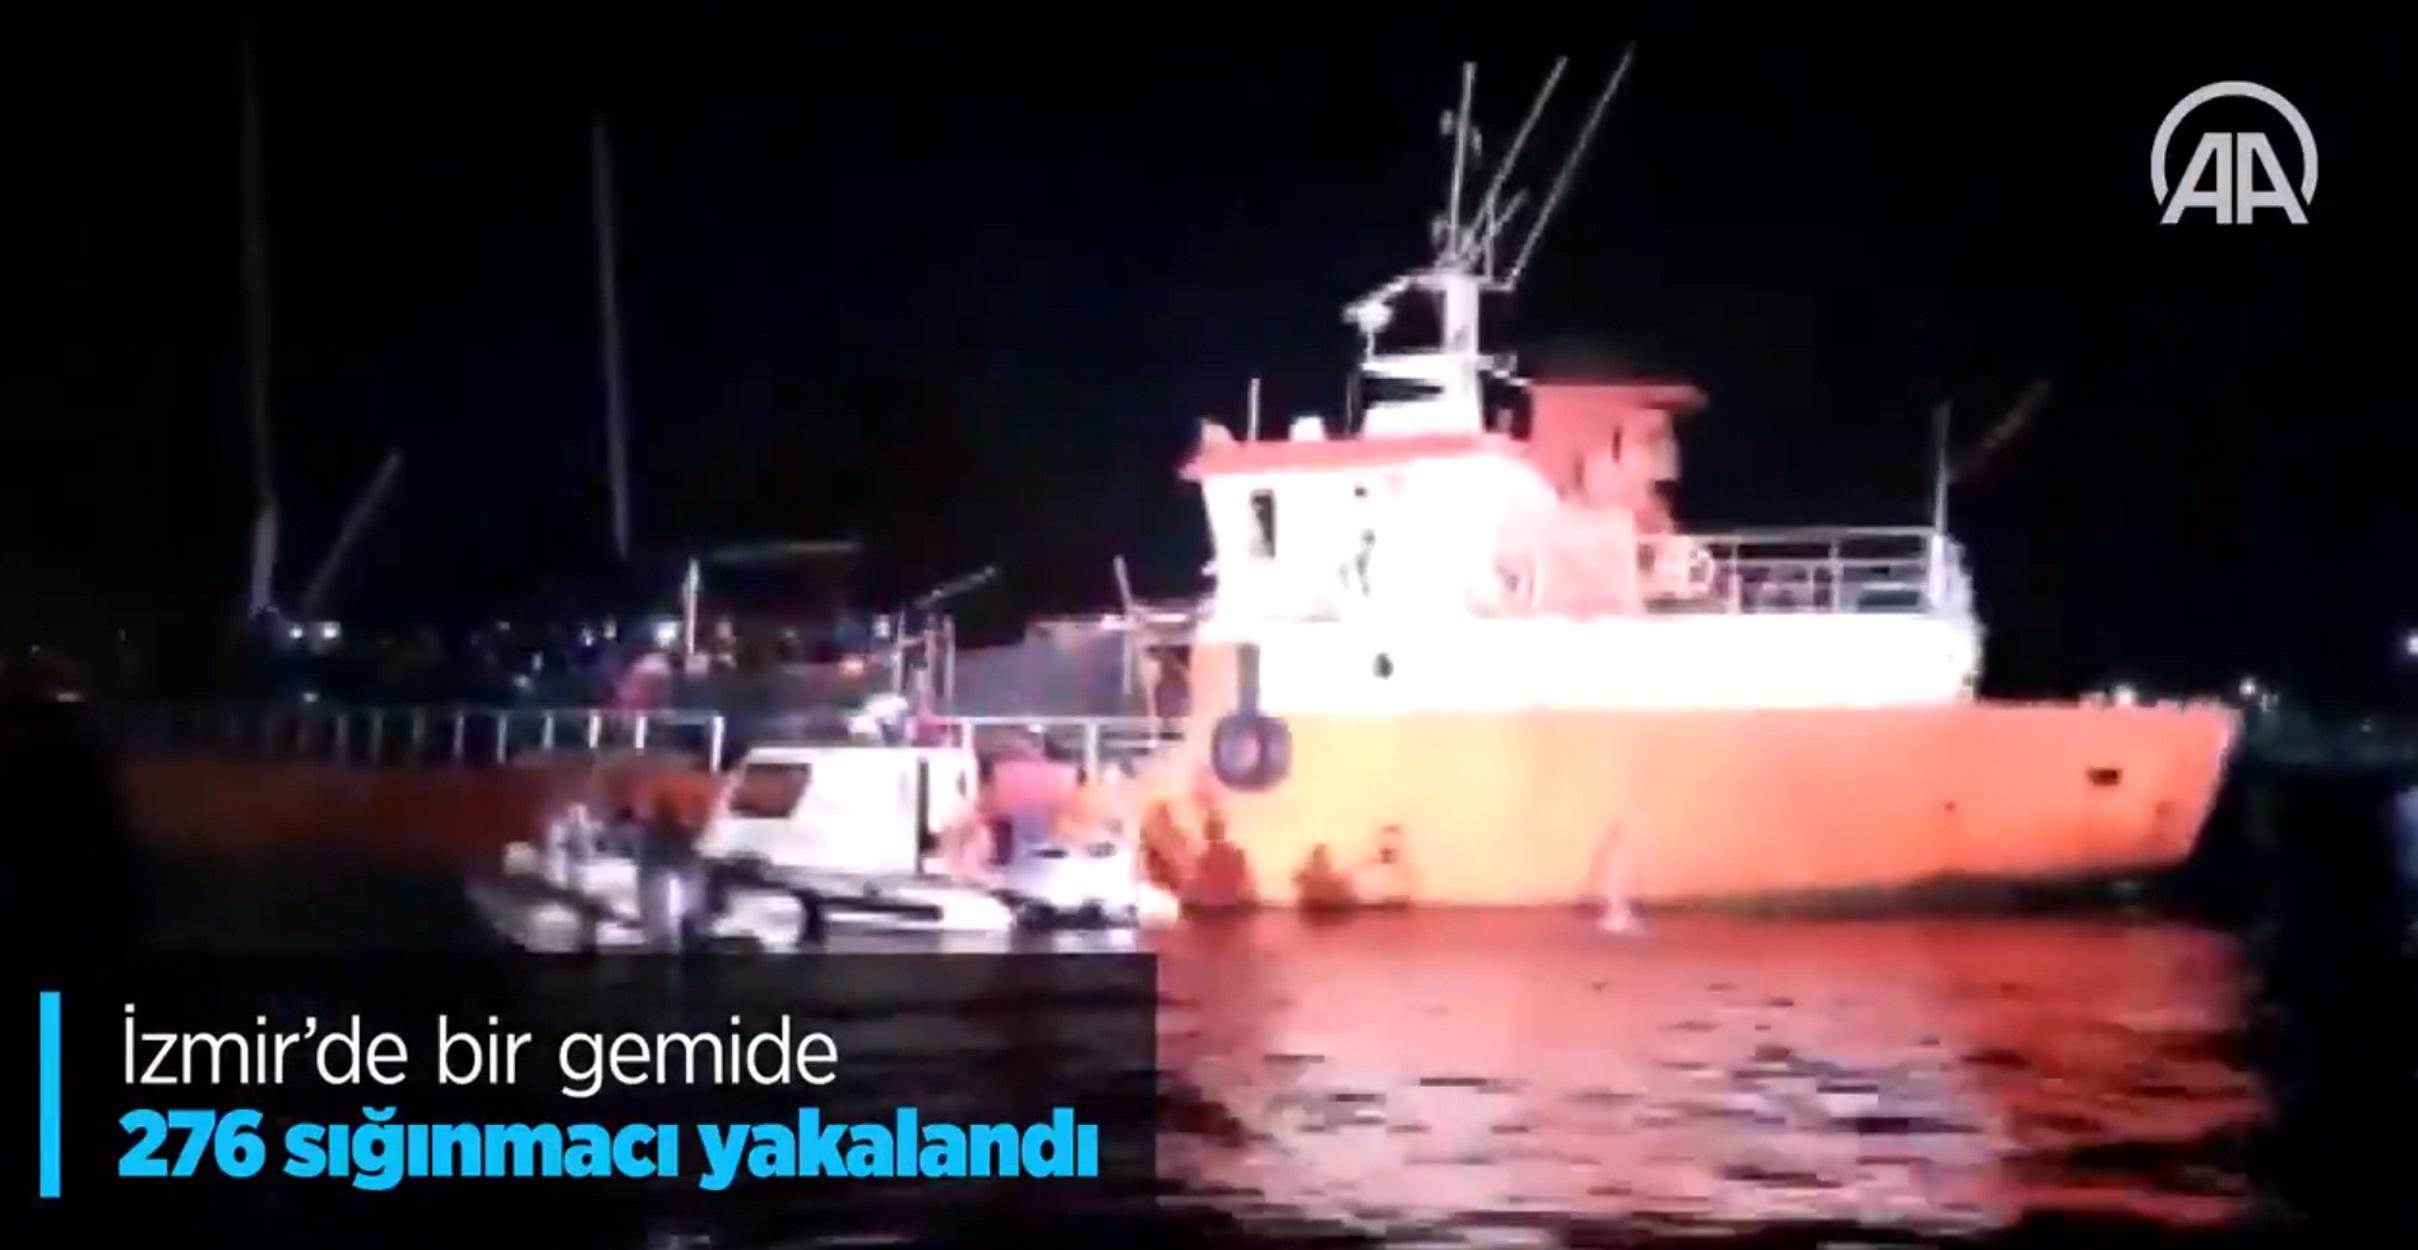 Τουρκία – απίστευτο! Σταμάτησαν πλοίο με εκατοντάδες μετανάστες για την Ελλάδα (pic, video)